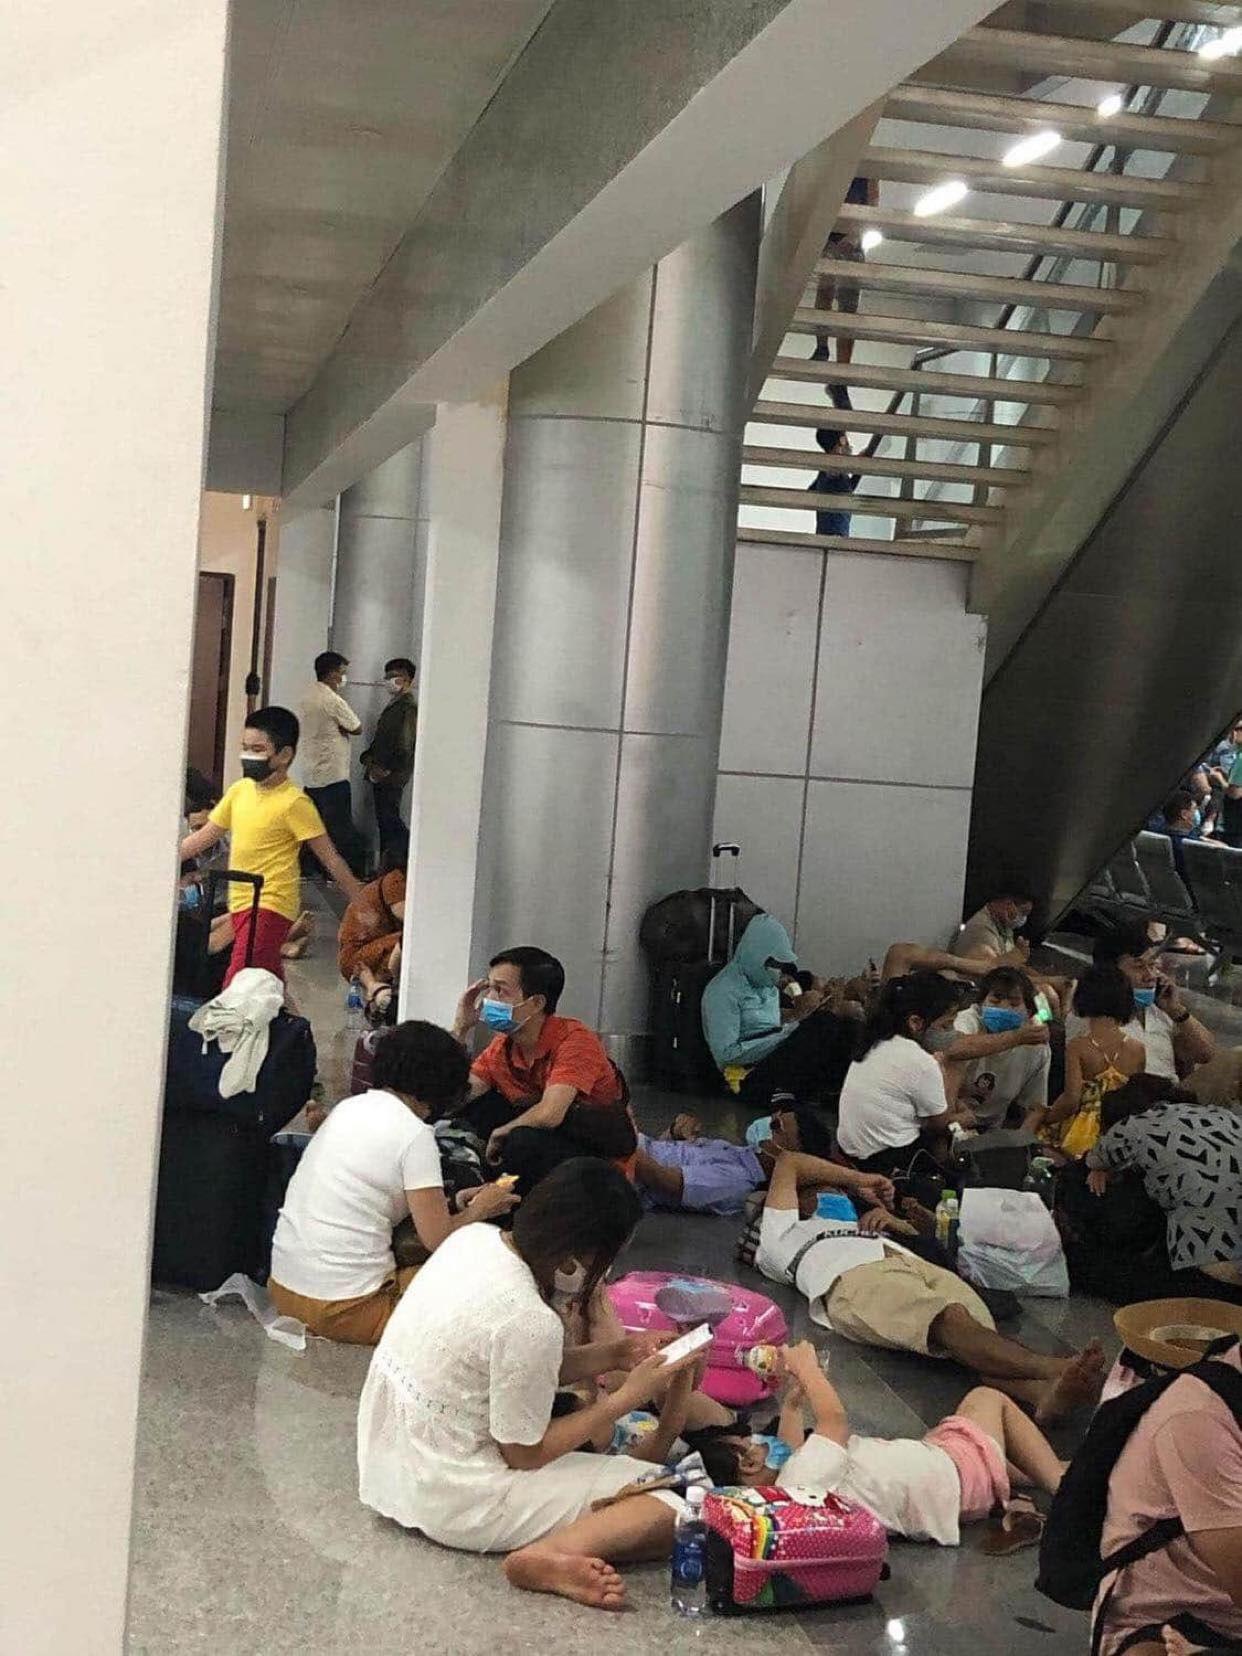 Công ty du lịch hỗ trợ khách mắc kẹt tại Đà Nẵng bằng đường bộ để trở về nhà - Ảnh 1.